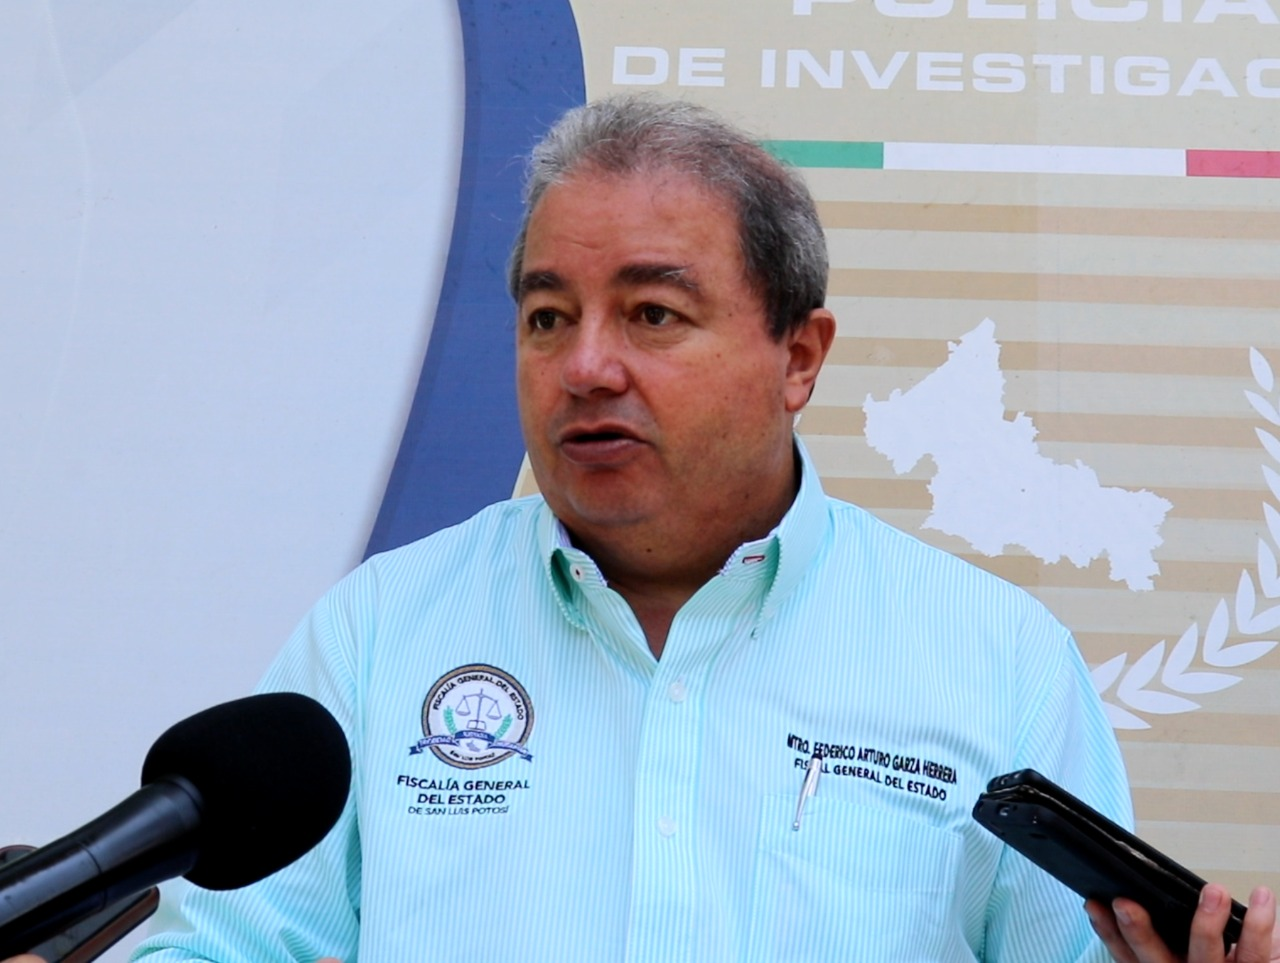 Investiga FGE agresiones contra enfermeras en SLP y Soledad